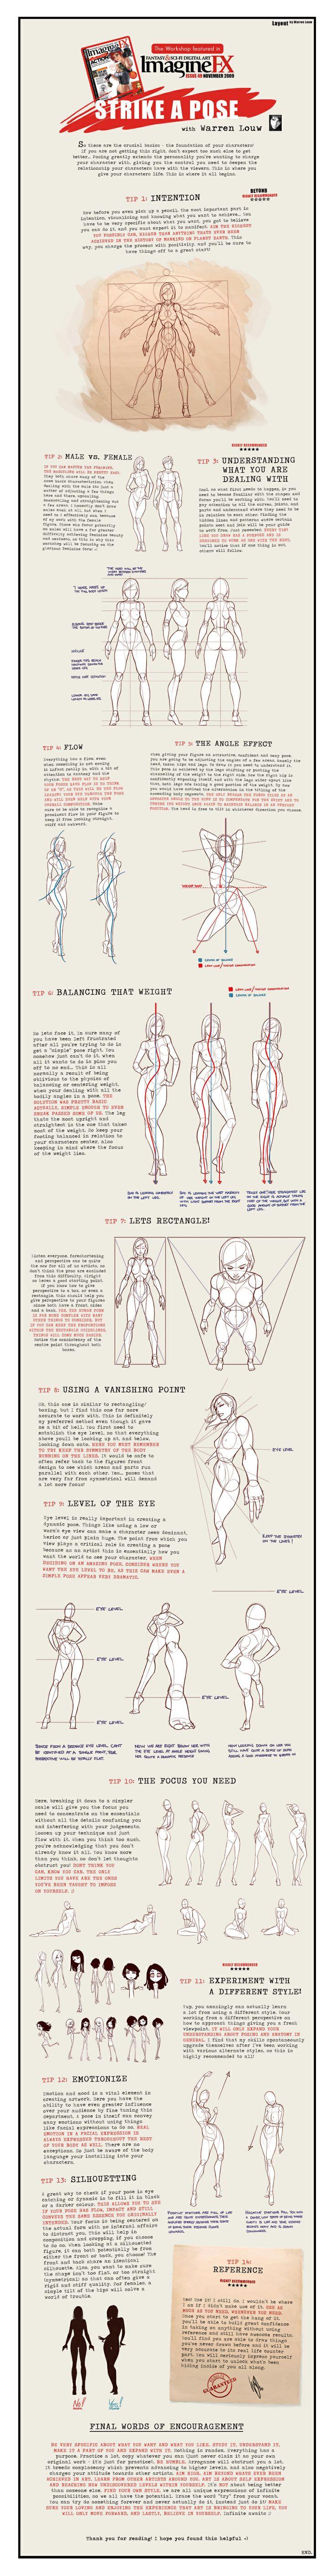 Guías de dibujo: Anatomía y movimientos del cuerpo - Frogx Three